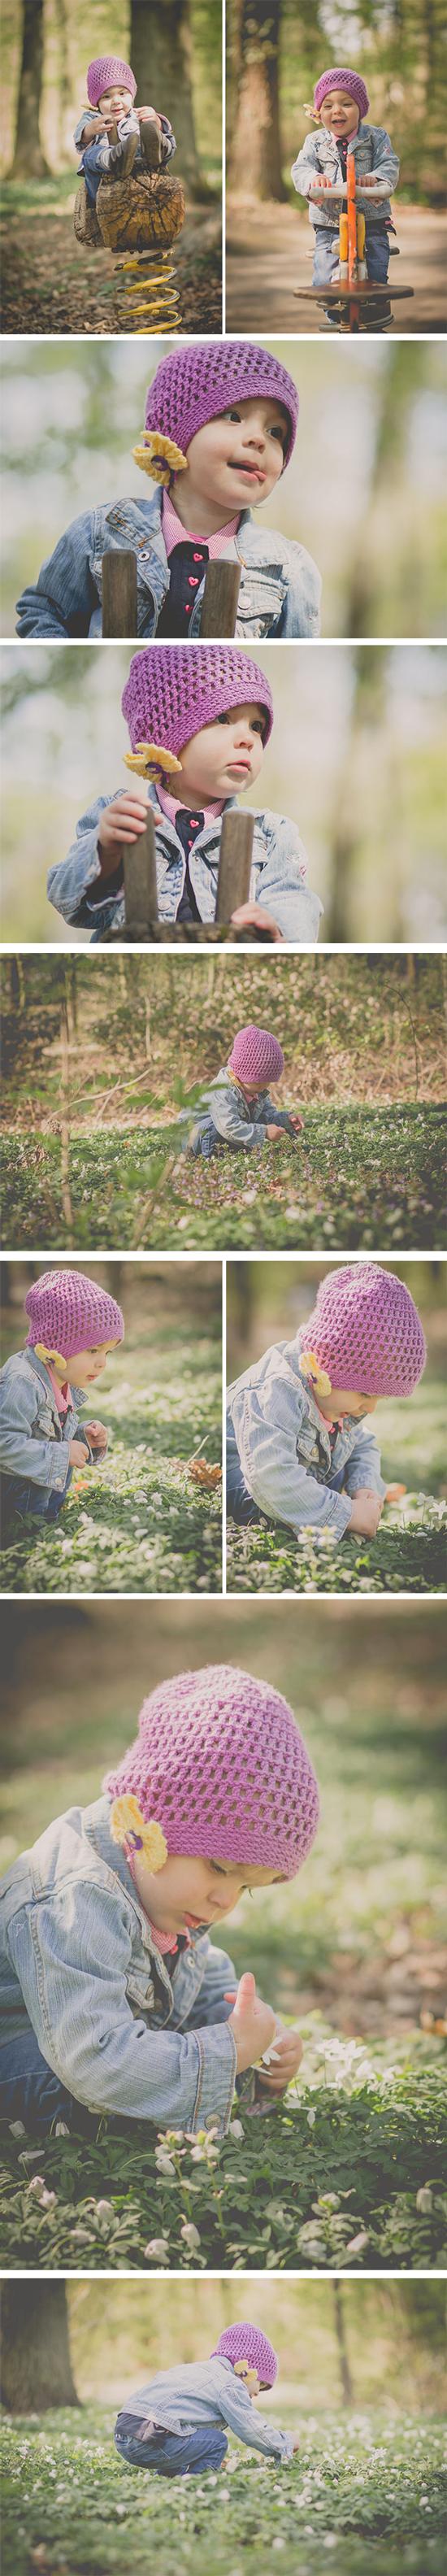 Kinderfotografie outdoor